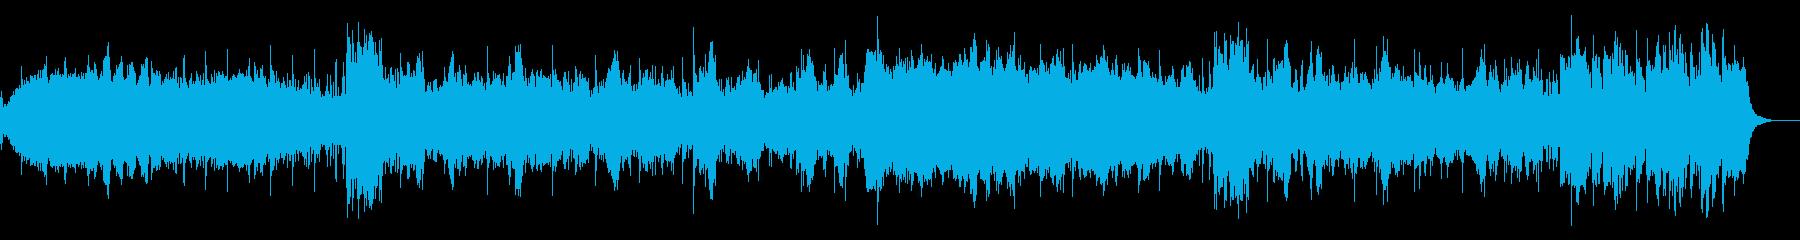 ダークなギターアンビエントの再生済みの波形